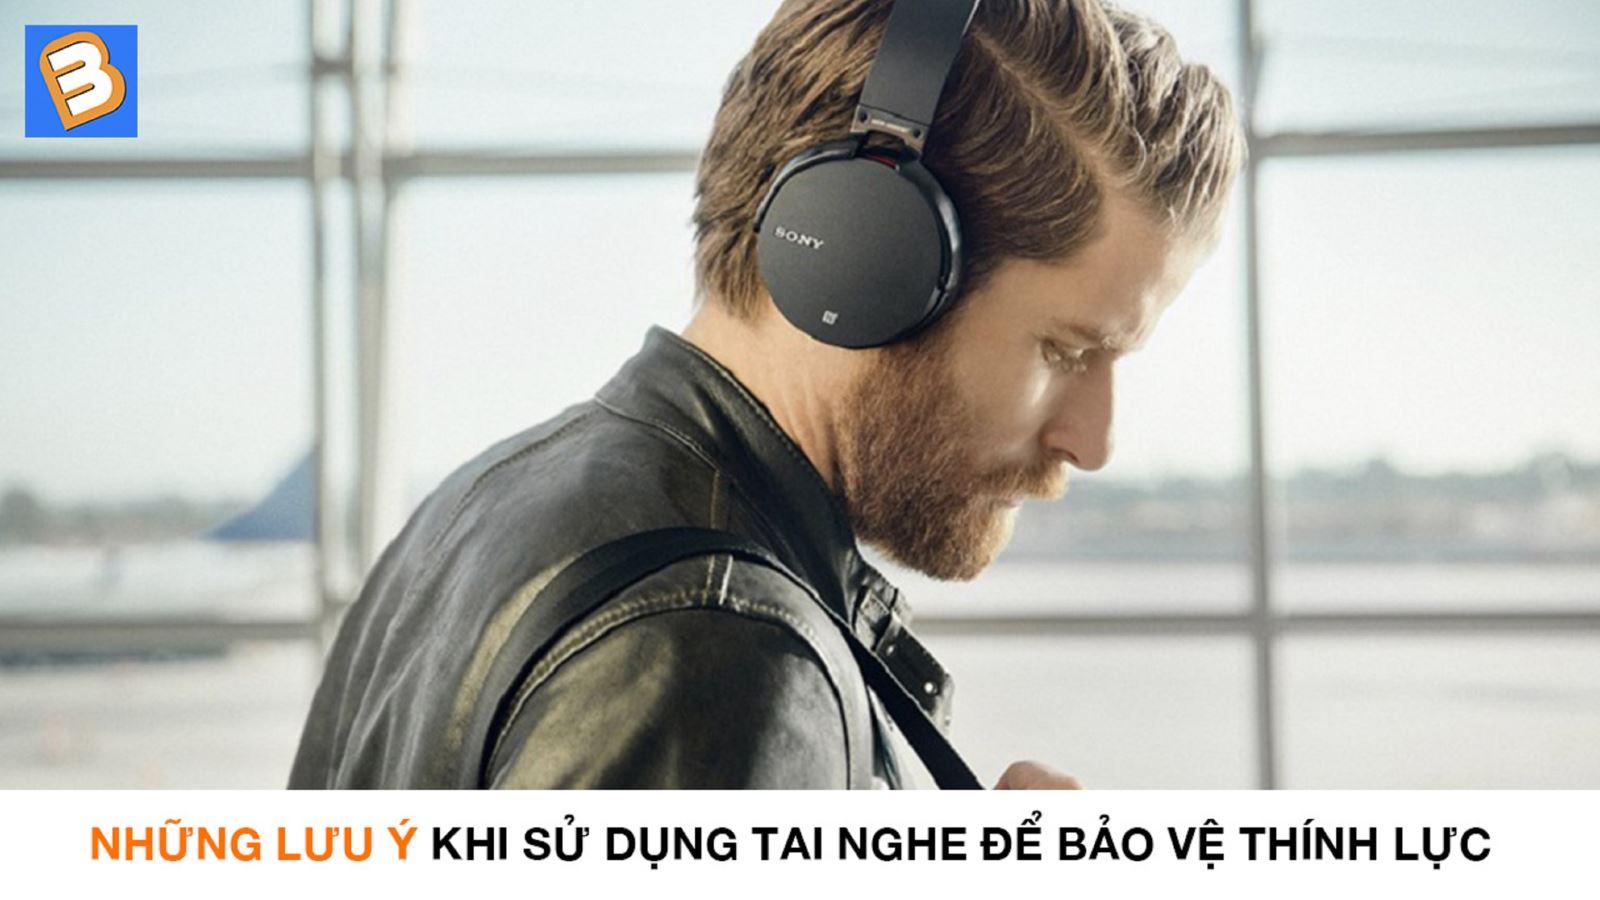 Những lưu ý khi sử dụng tai nghe để bảo vệ thính lực